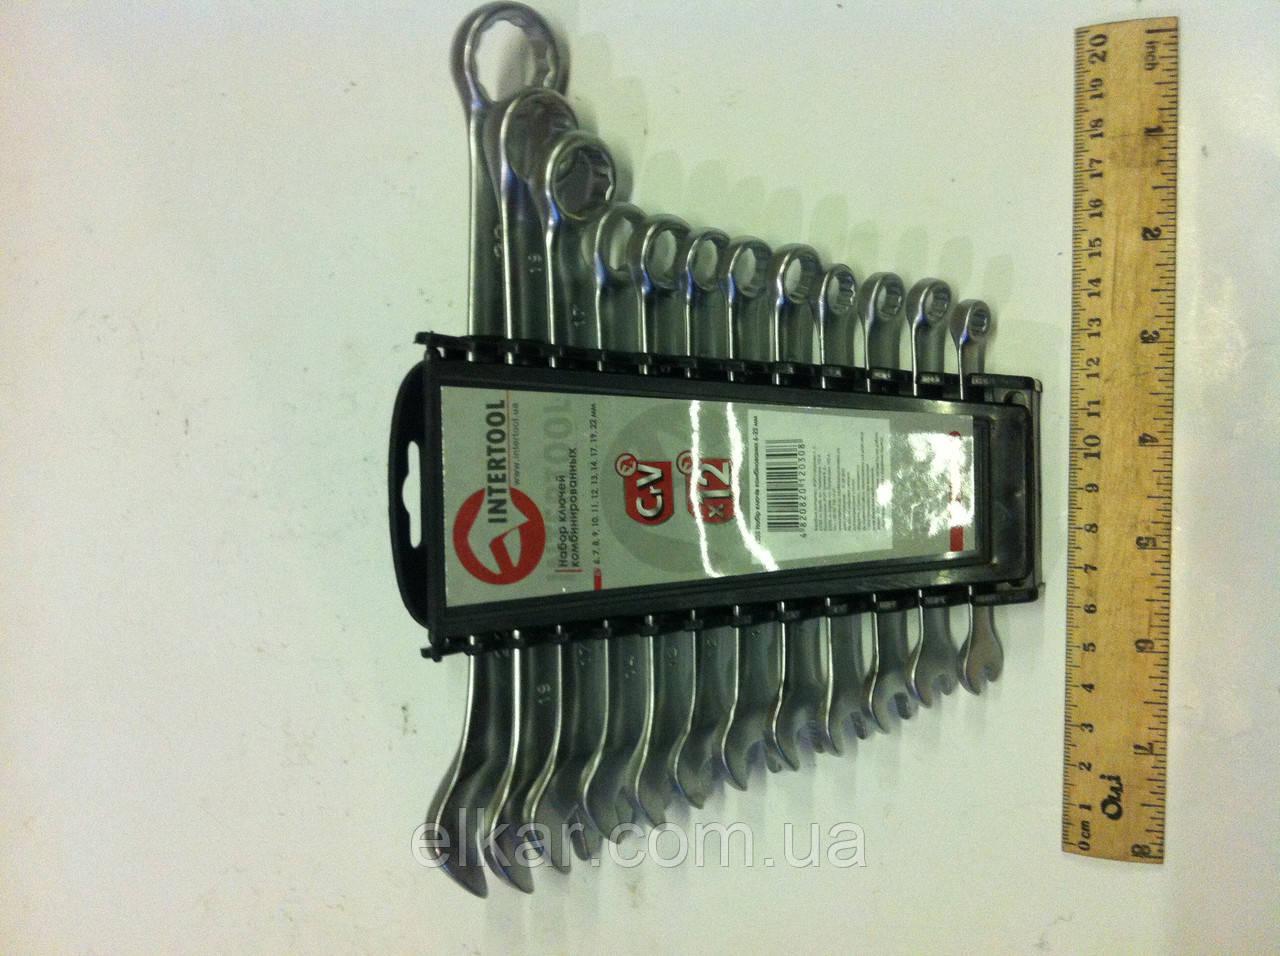 Набір ключів комбінованих 12 шт. 6-22 мм   НТ-1203